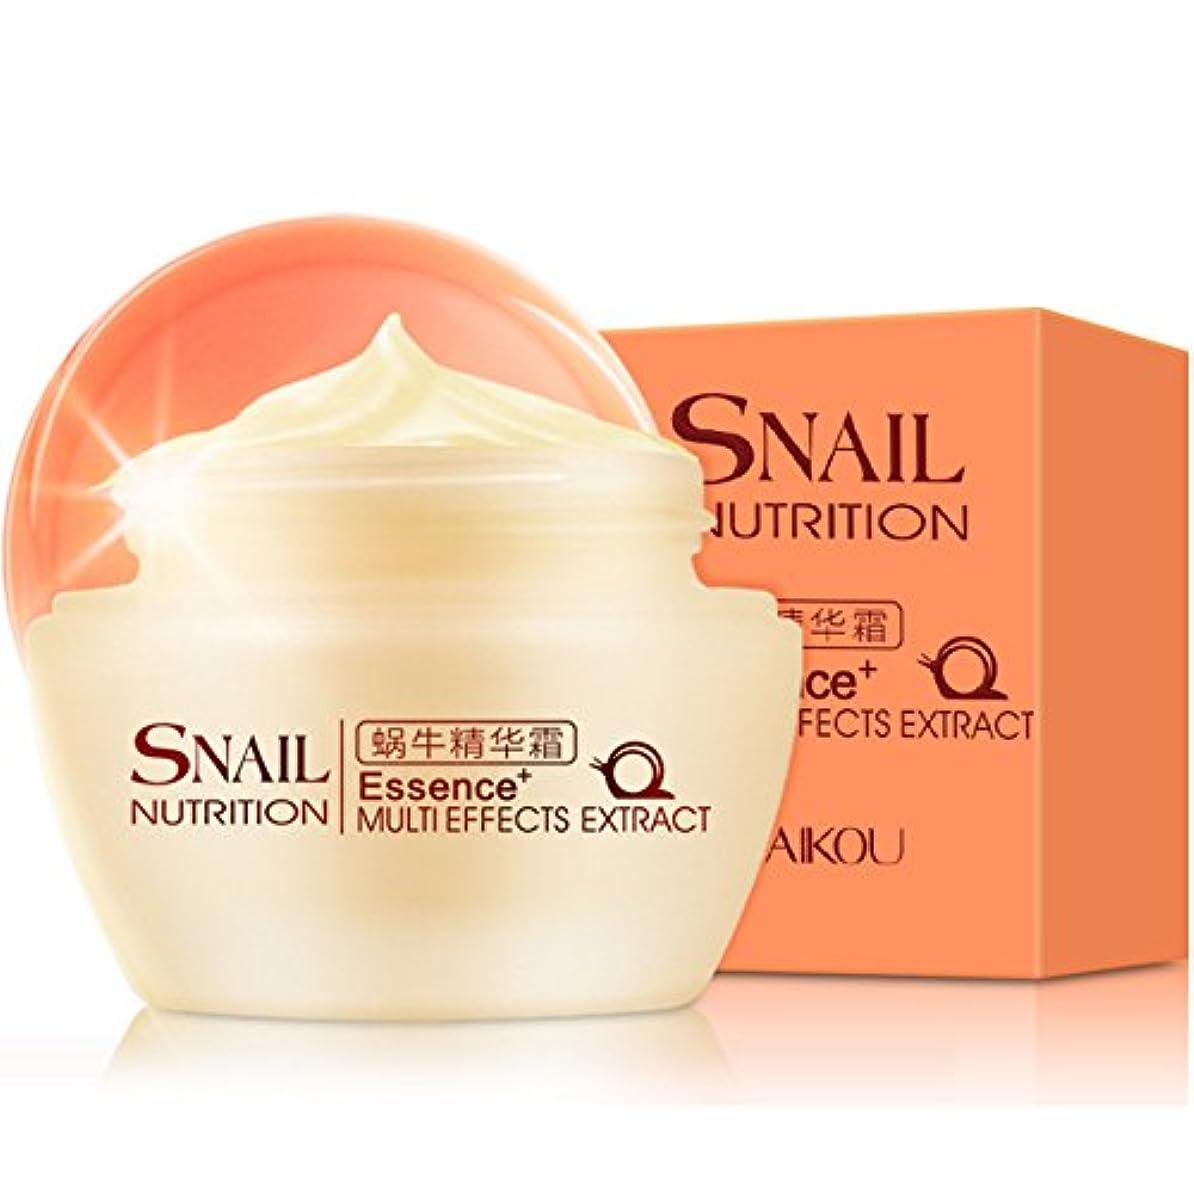 熟達した地域バルーンカタツムリエキス ヒアルロン酸ビューティフェイスクリームフェイスケアホワイトニングモイスチャライジングフェイシャルスキン化粧品。